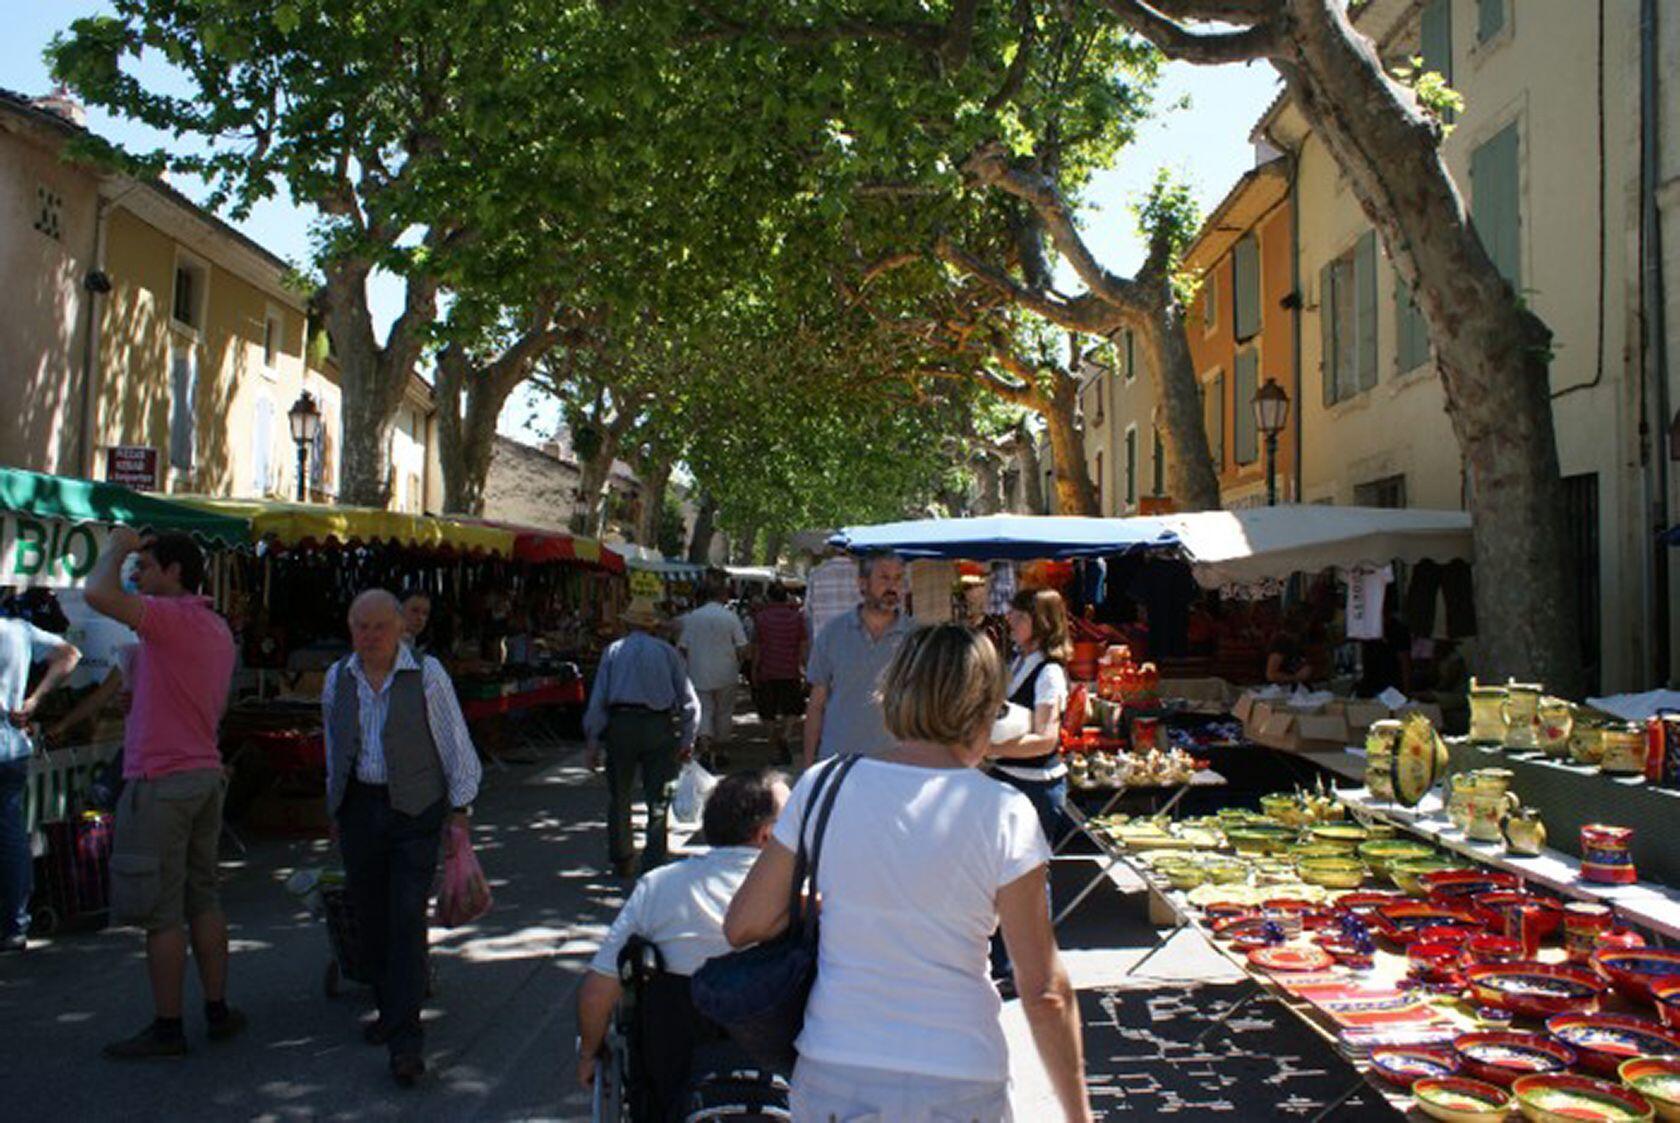 Sainte-Cécile-les-Vignes Market